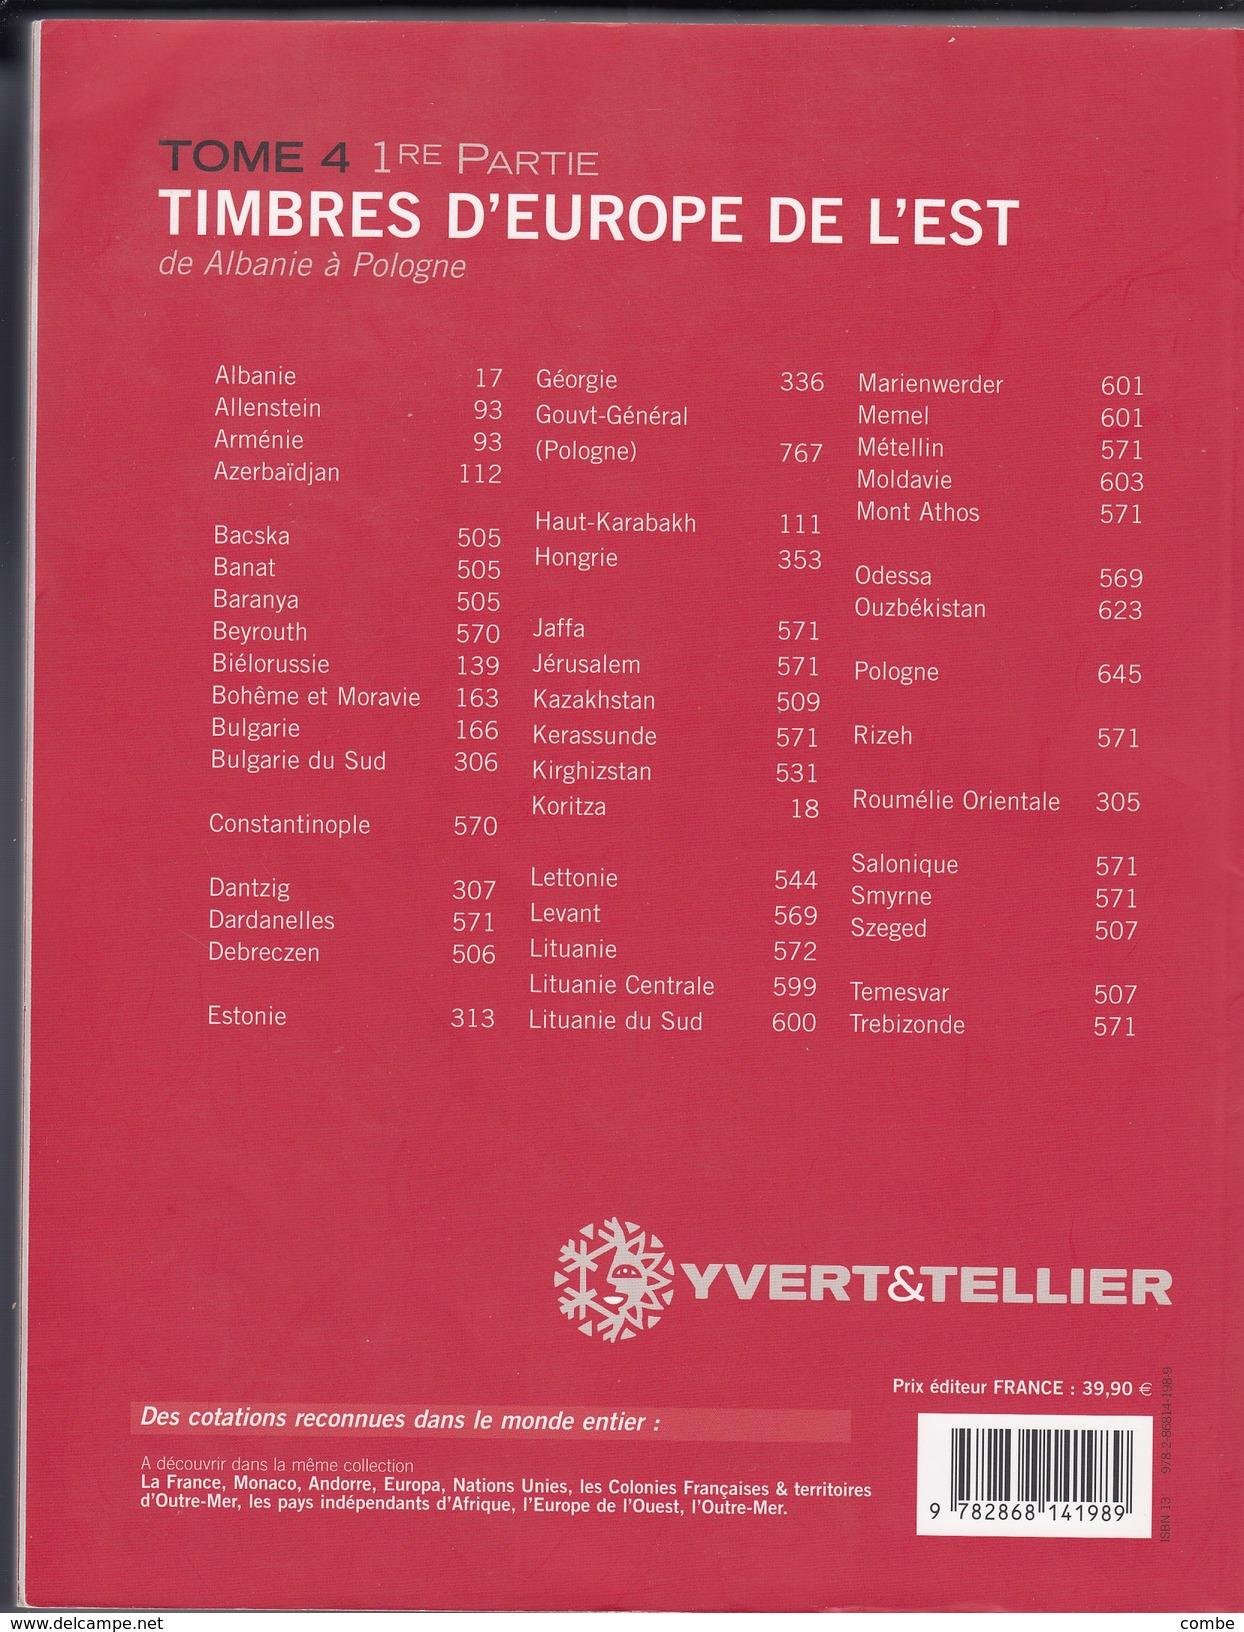 YVERT 2010 EUROPE DE L'EST TOME 4. 1° PARTIE. DE ALBANIE A POLOGNE - Frankreich